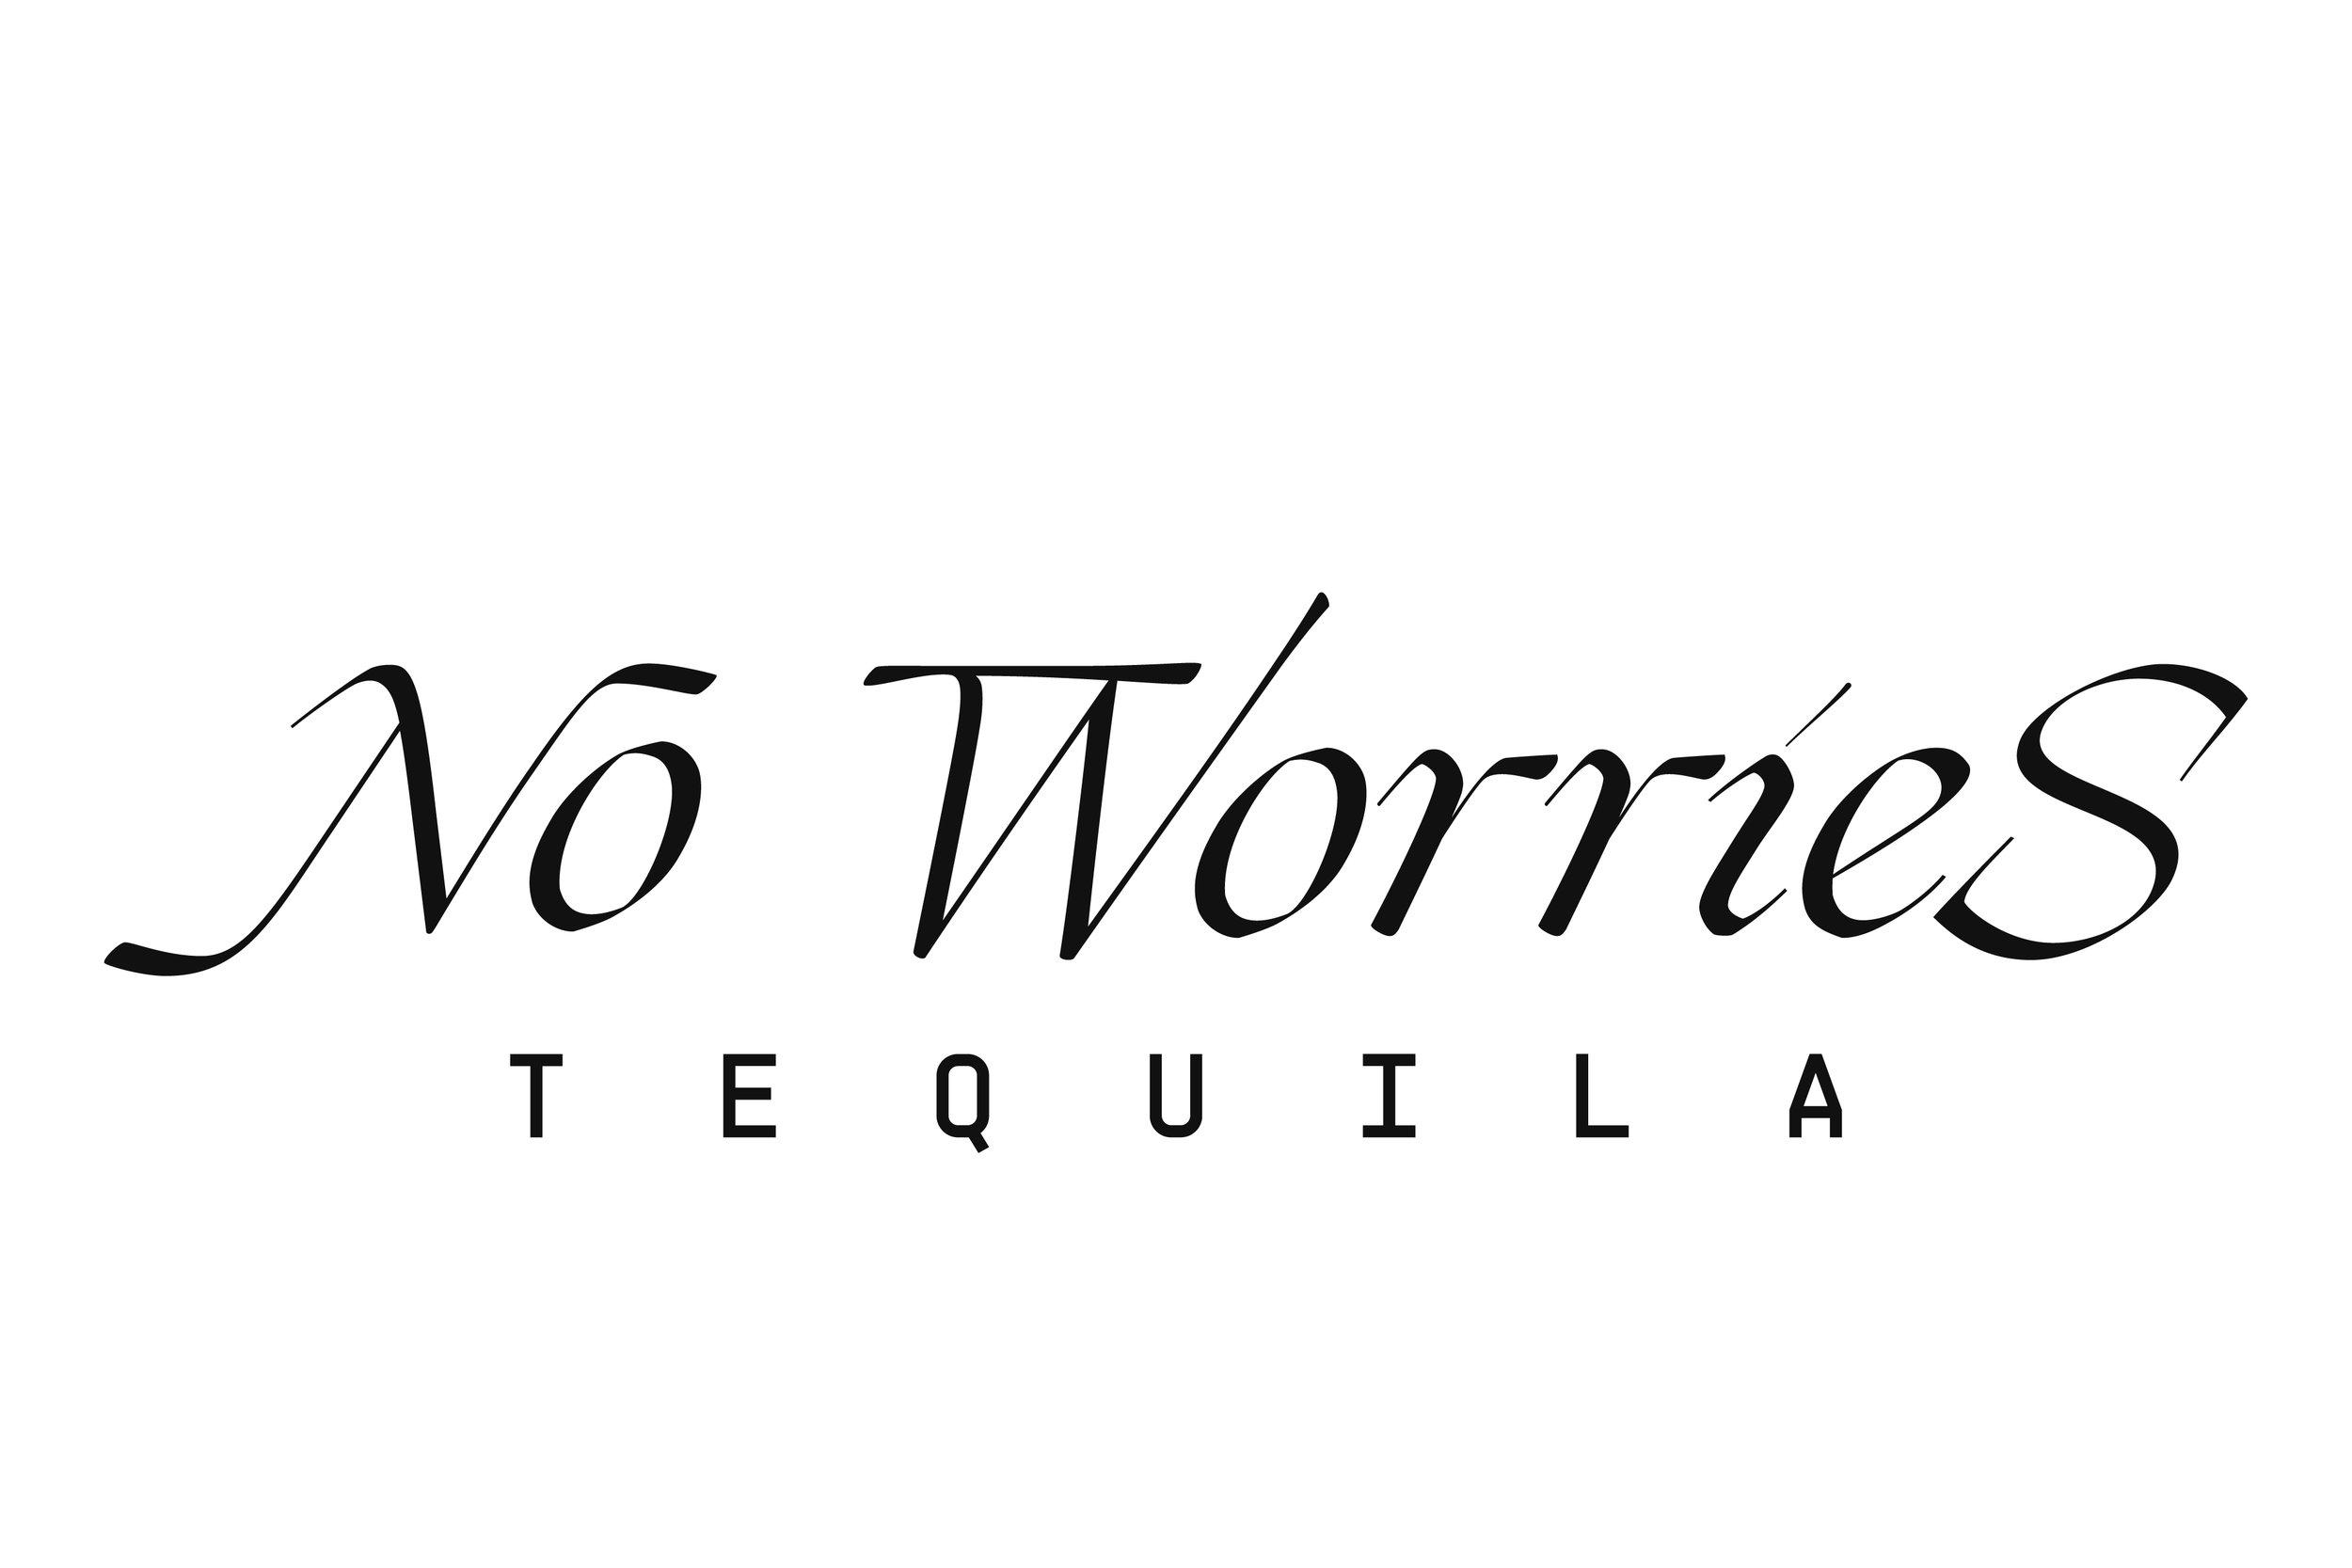 NoWorries_logos-02.jpg